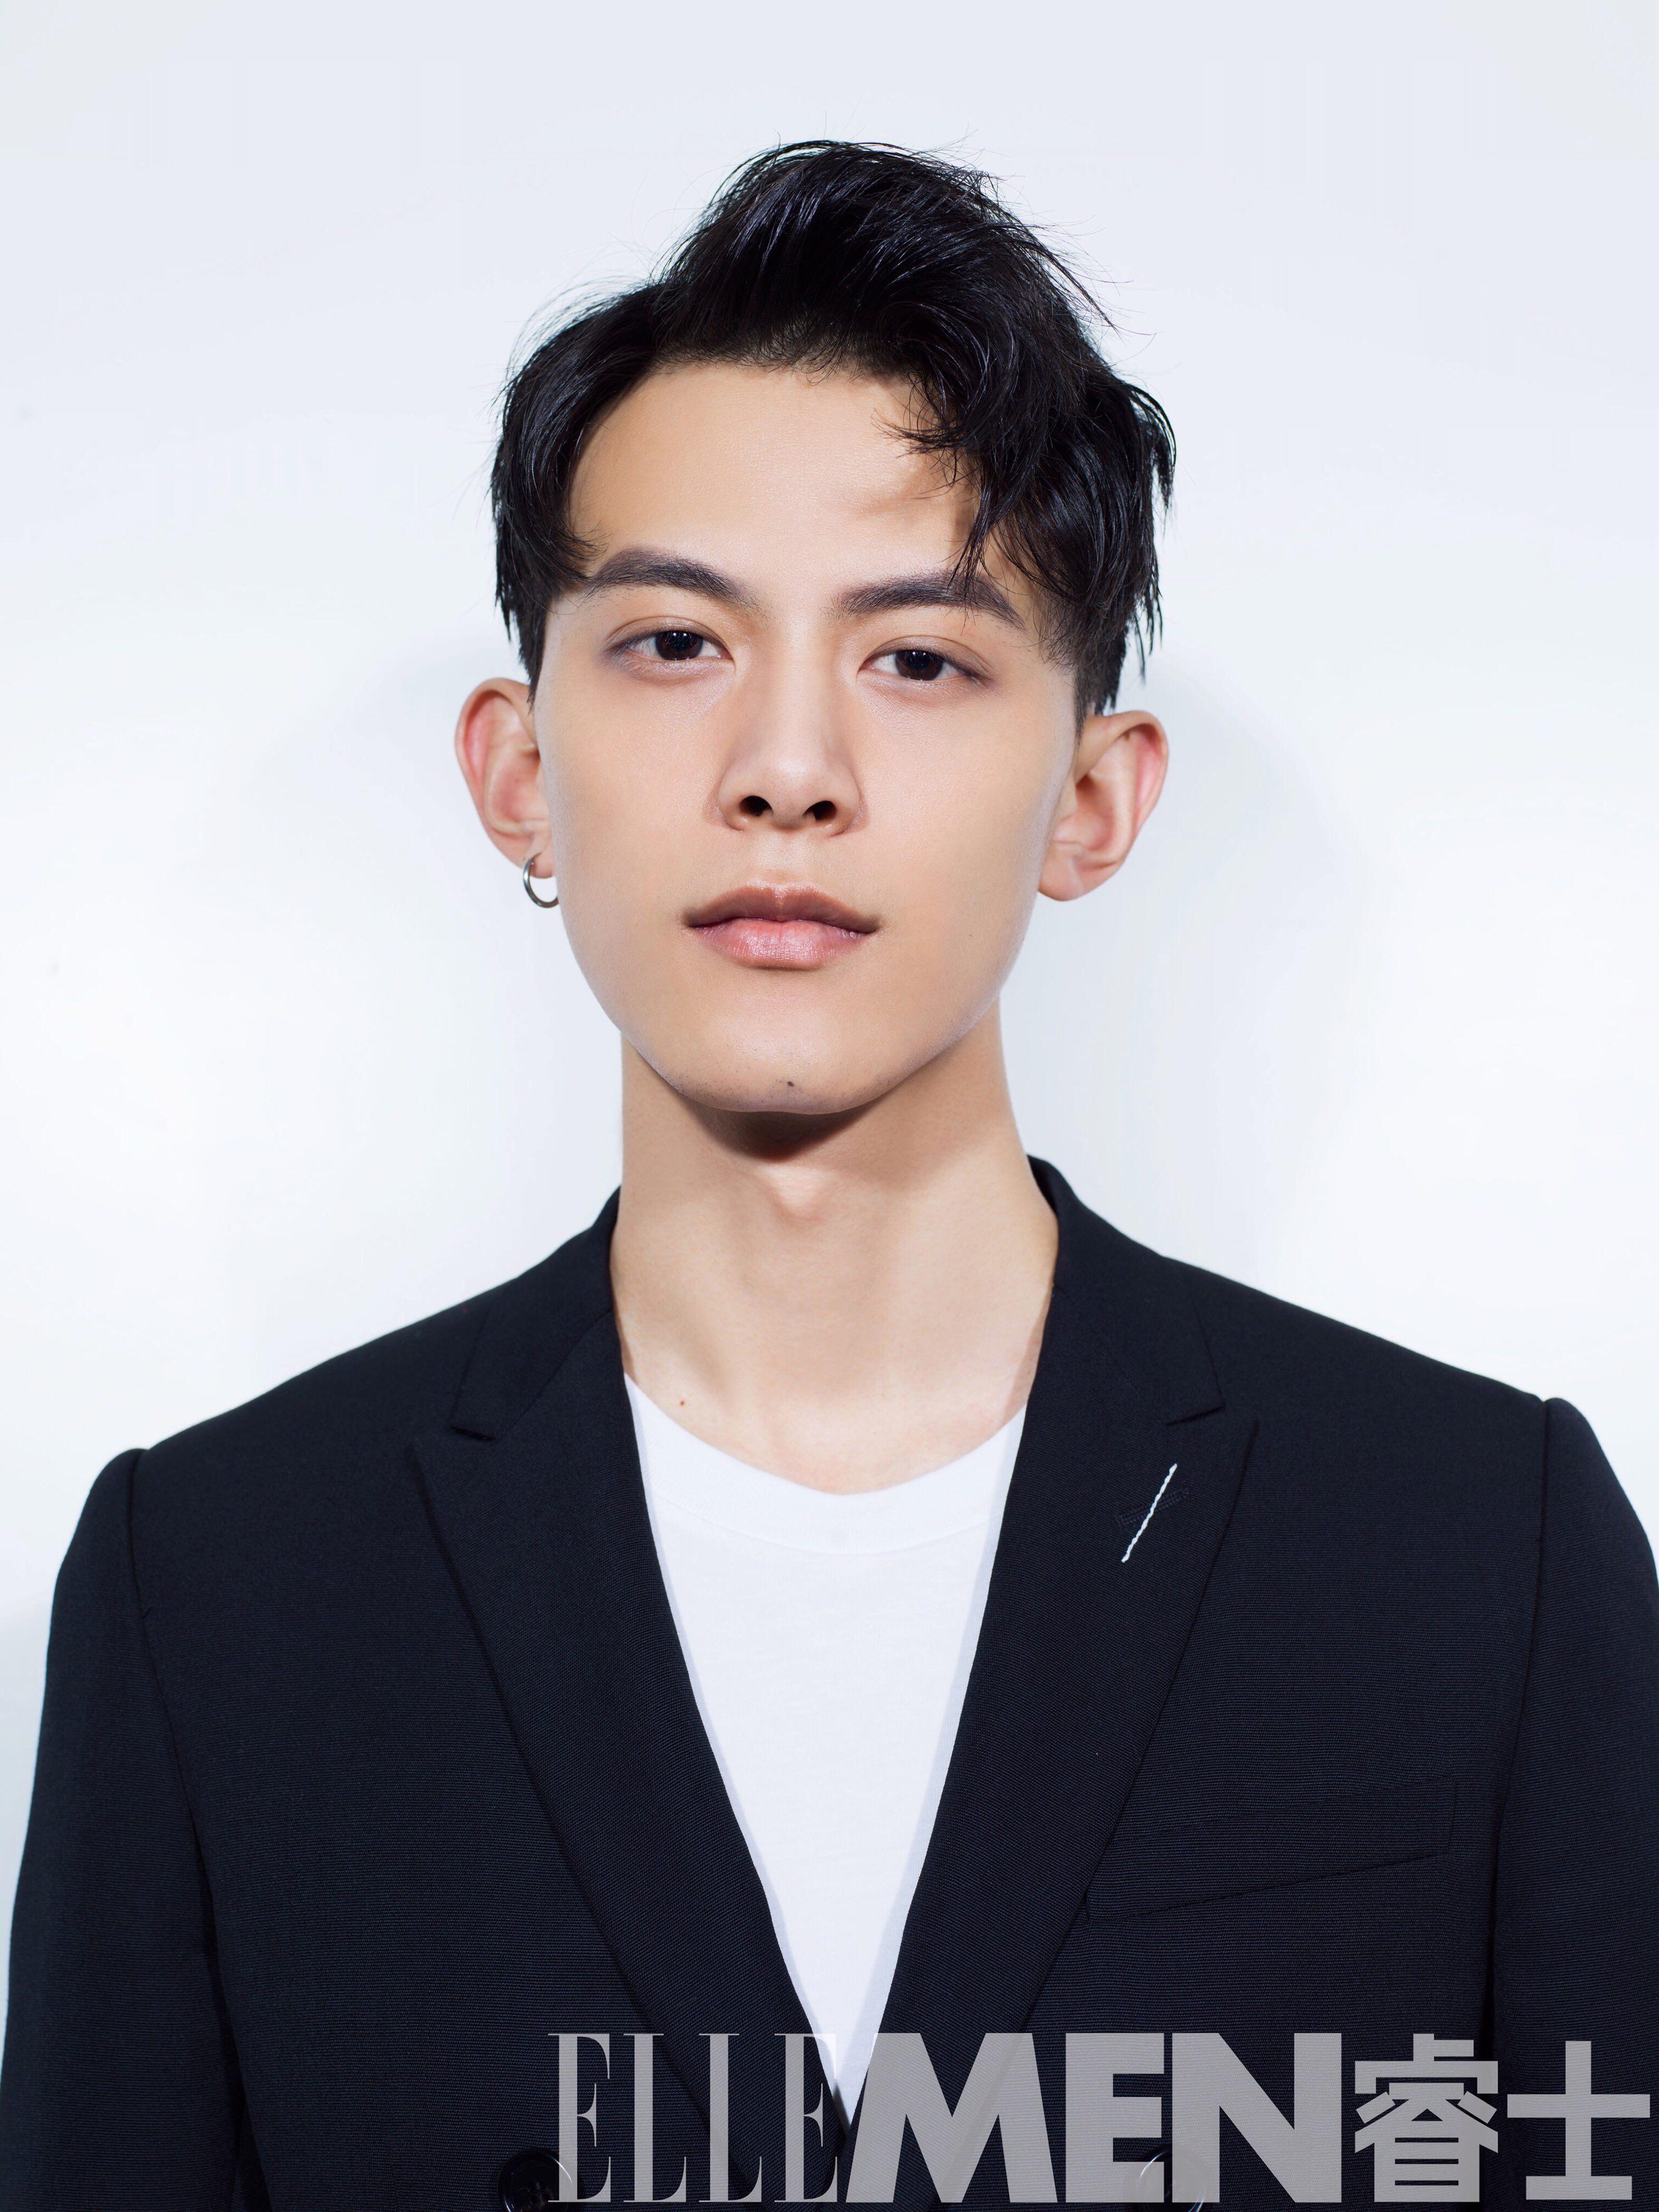 媒体 - 睿士ELLEMEN 2018.4 - 邓尚 shang .jpg